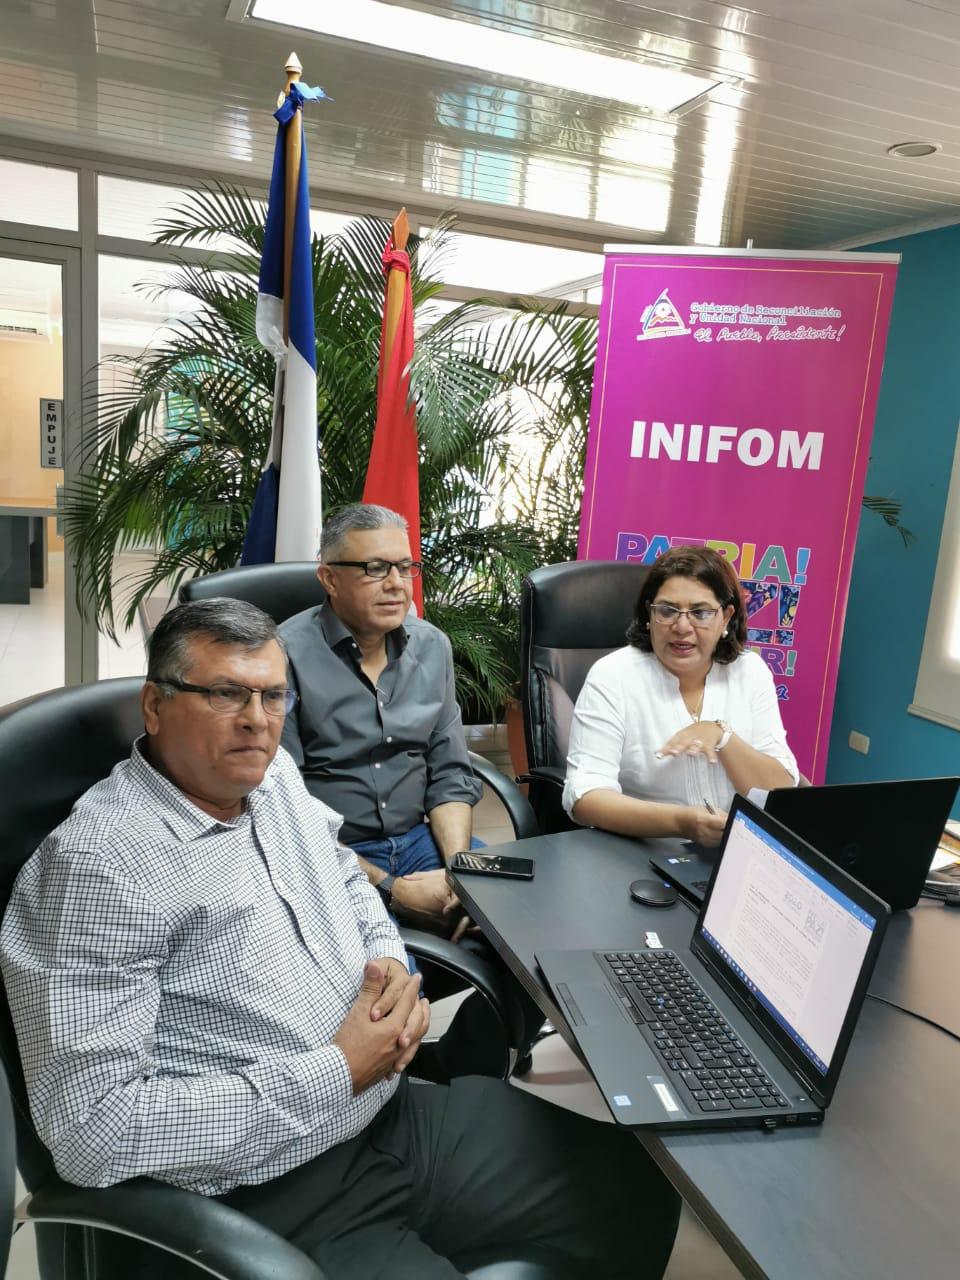 Guiomar Irñias, Erwin Barreda y Virgilio  Bravo, representantes de Inifom,  Enacal y Nuevo Fise